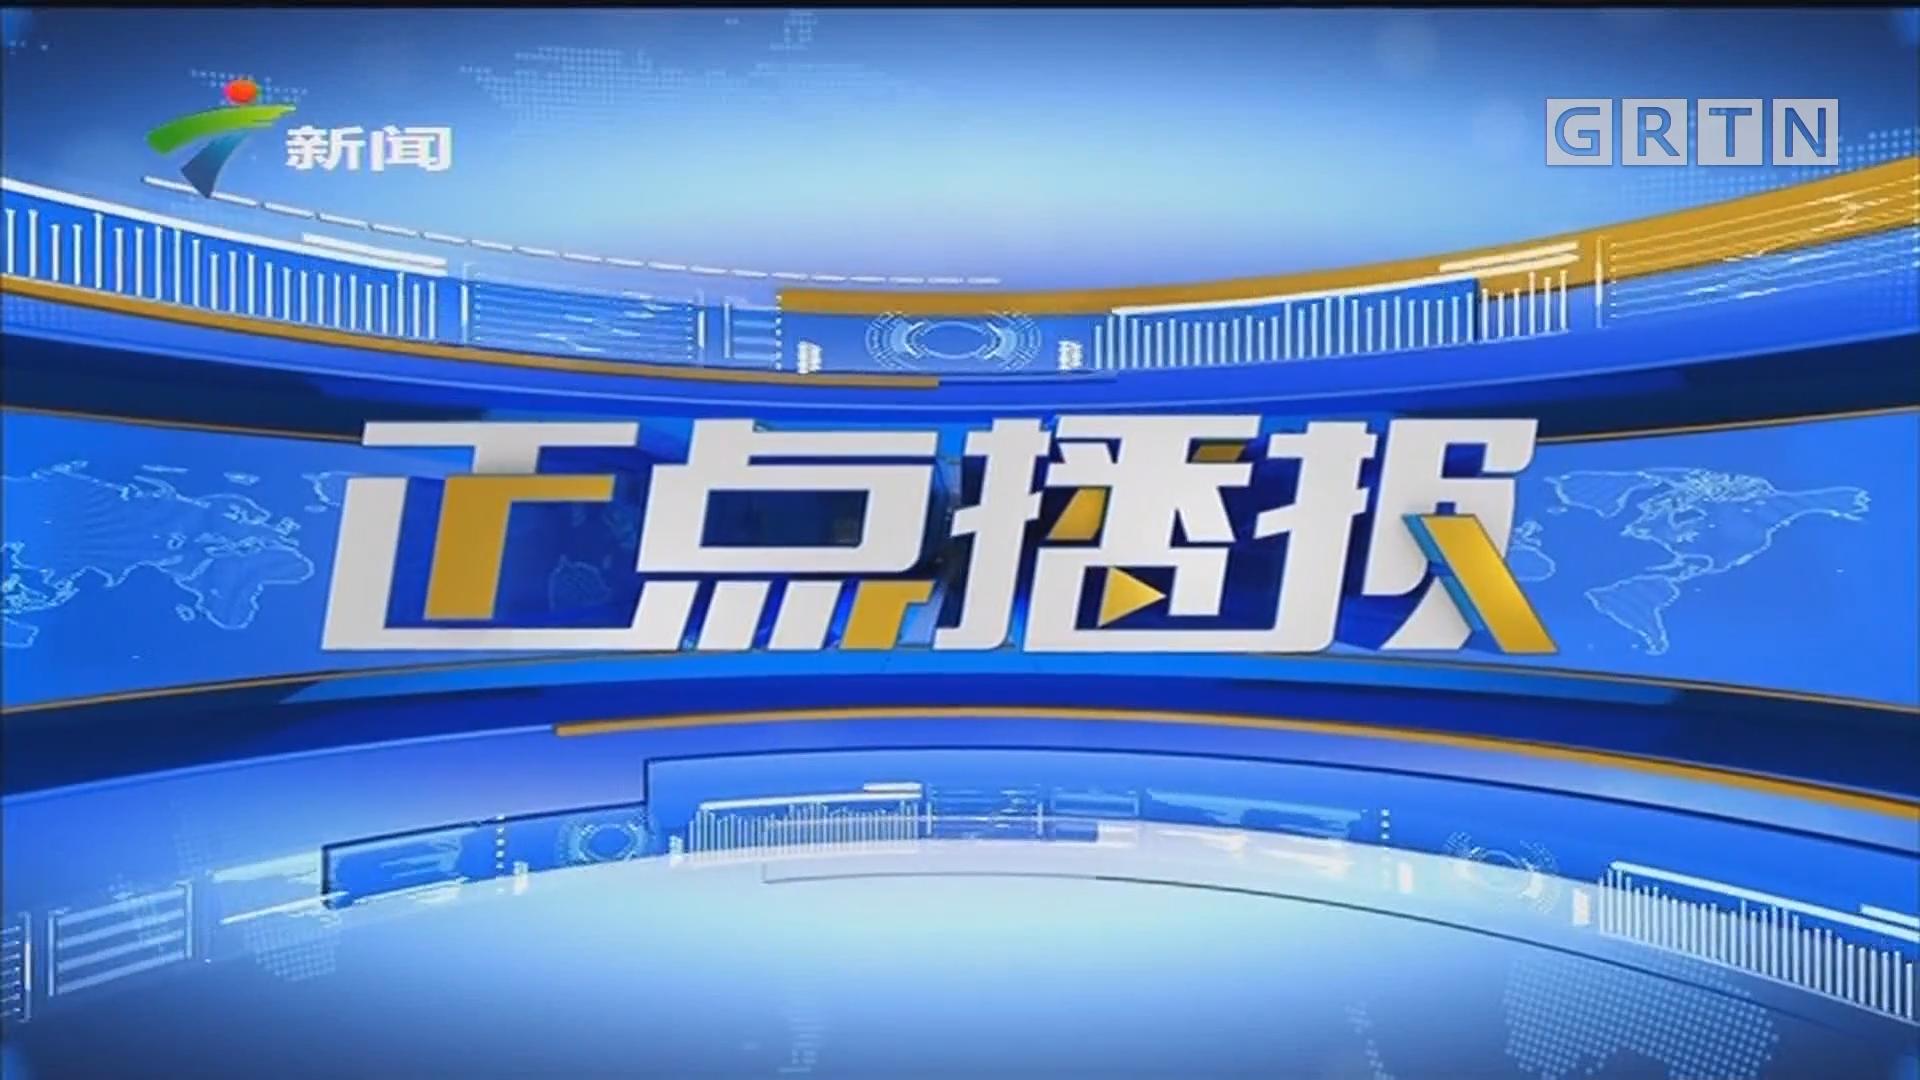 [HD][2019-07-30]正点播报:四川强降雨来袭:成昆铁路部分区间中断 列车停运